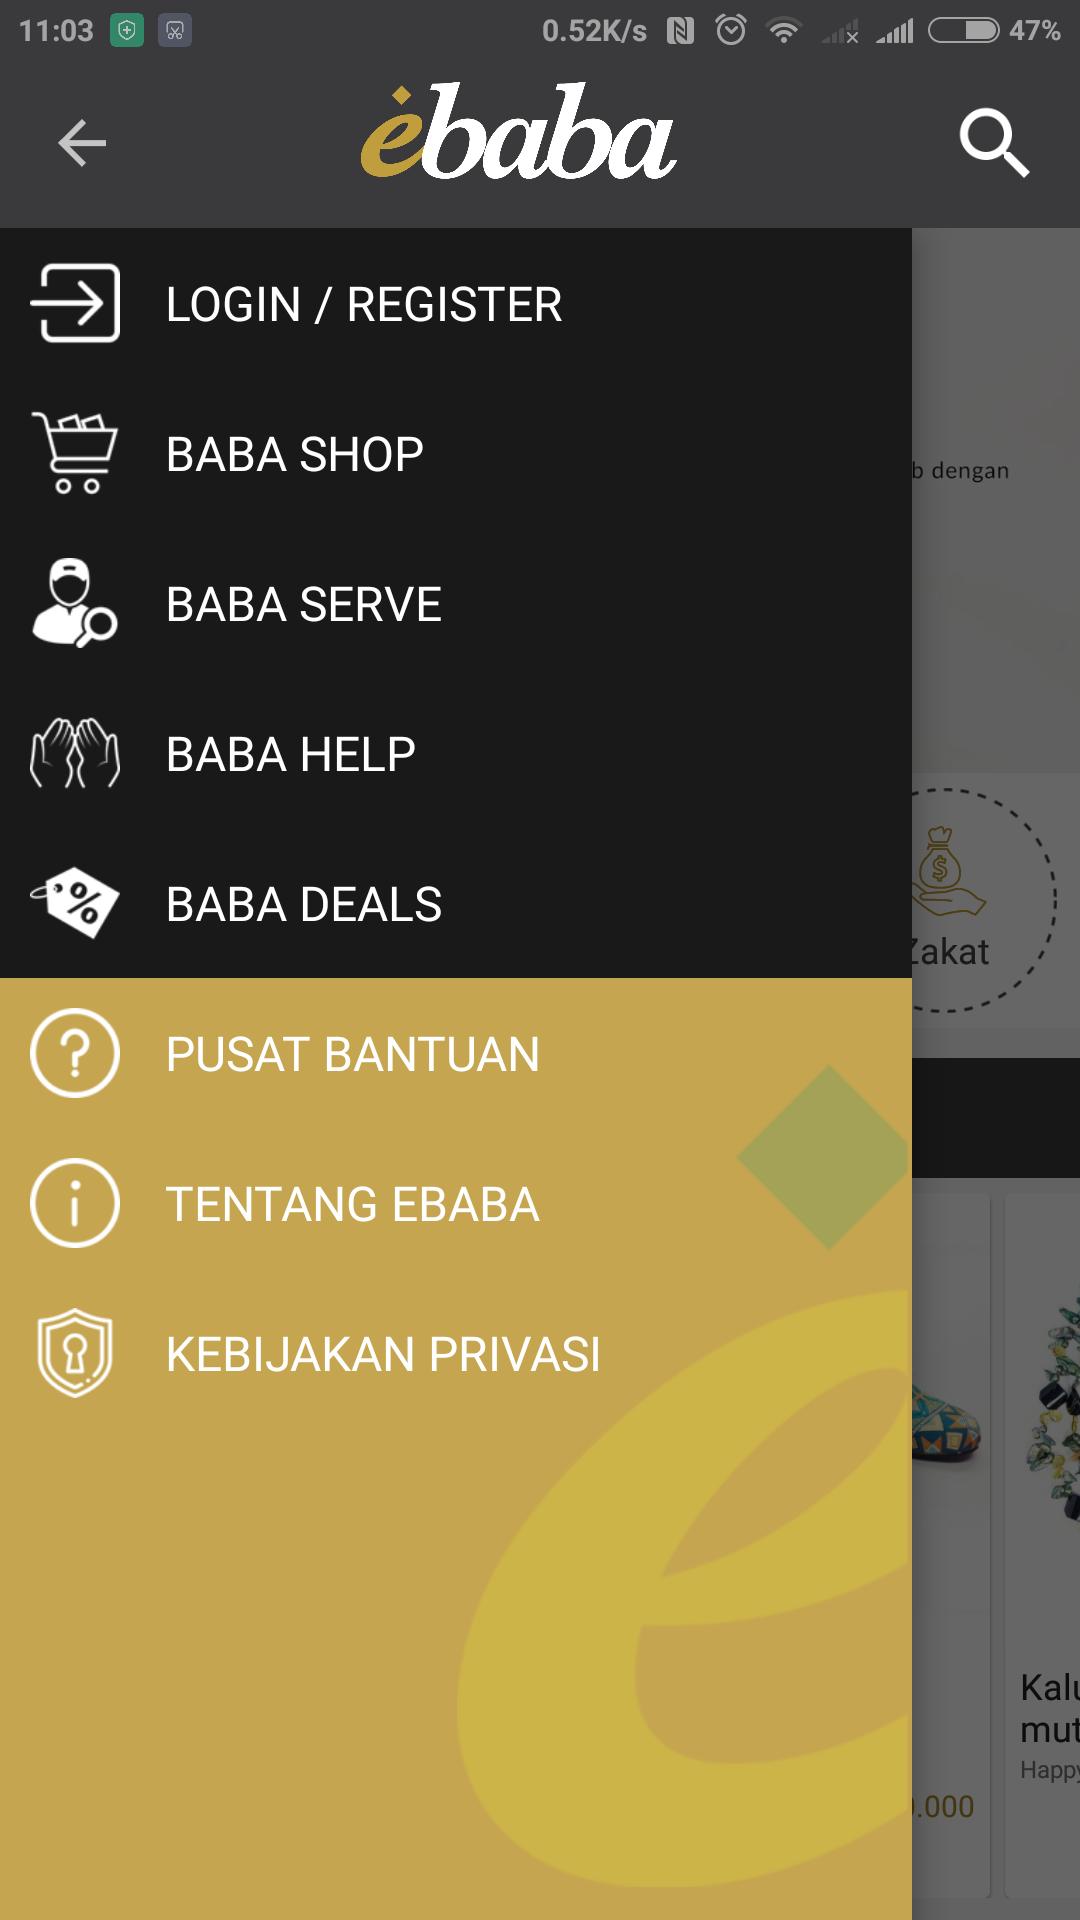 jajanbeken ebaba aplikasi muslim online